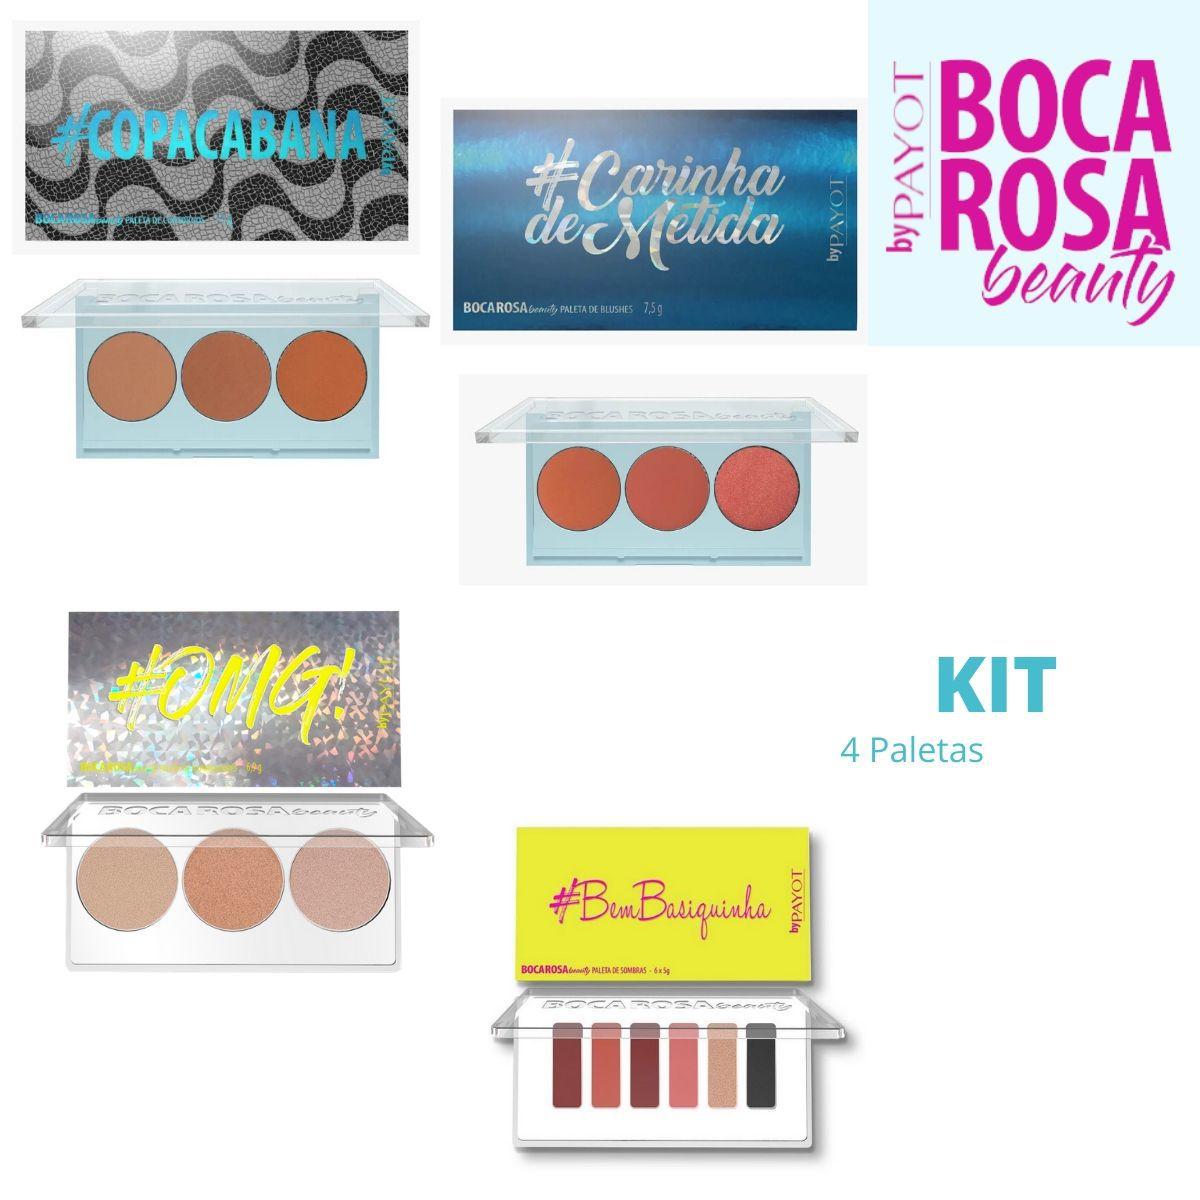 Kit 4 Paletas Boca Rosa ( Contorno, Blush, Iluminador, Sombras)